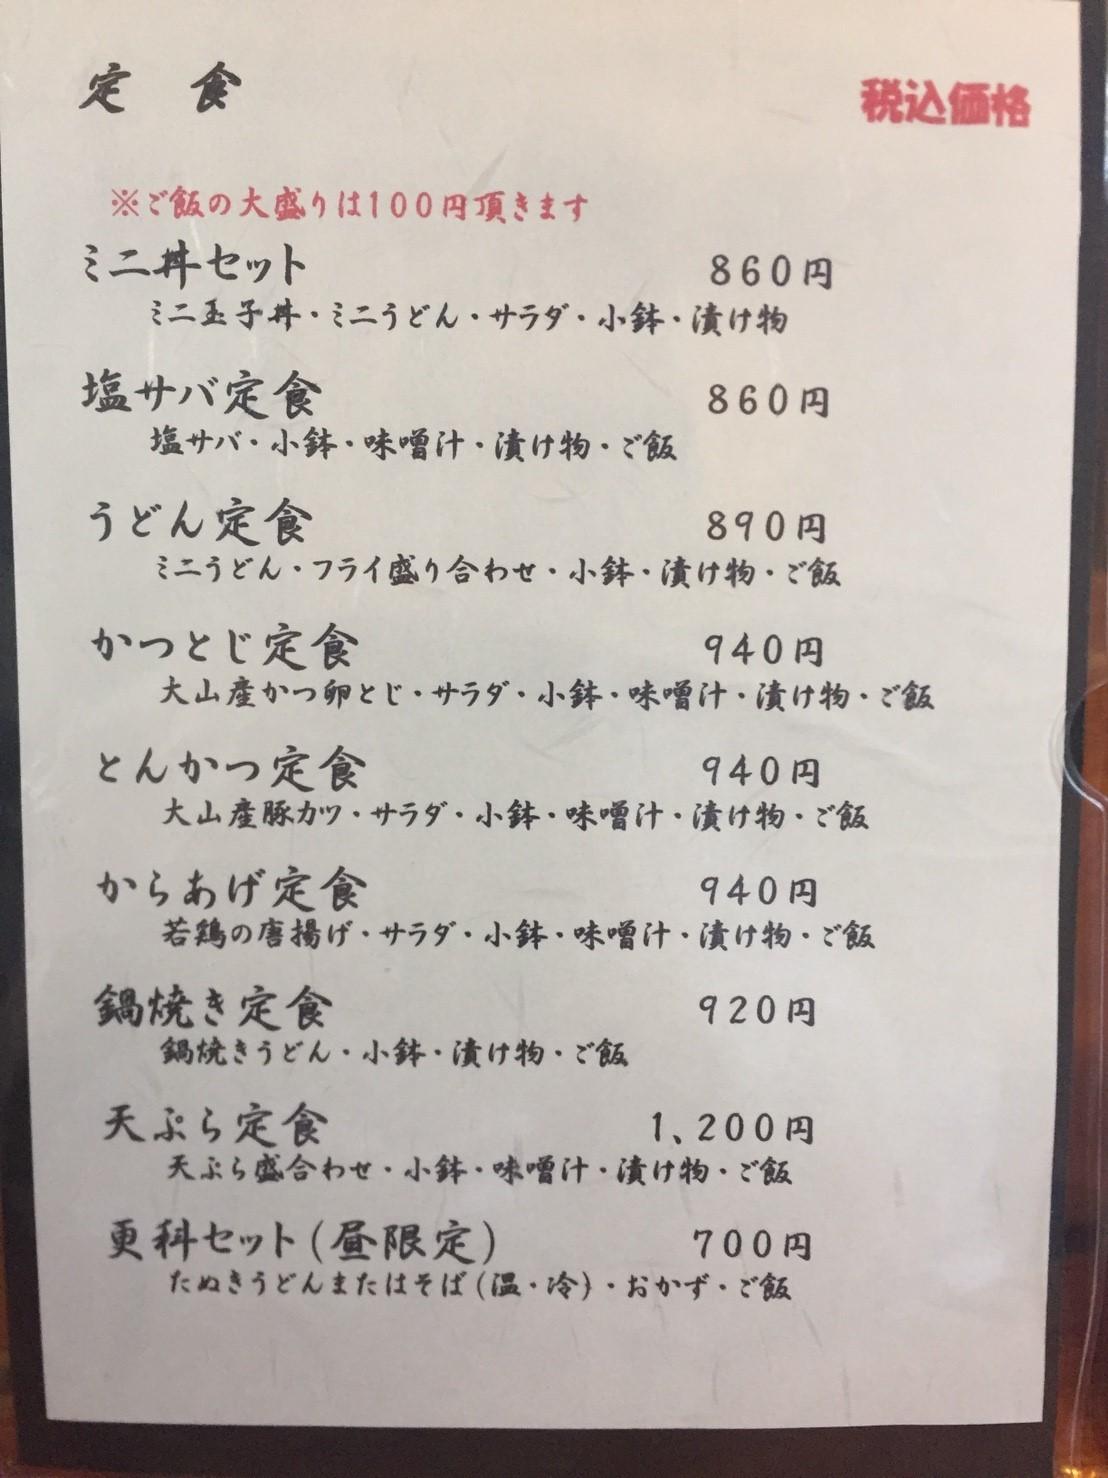 お食事の店 更科 湖山  お品書き記録_e0115904_02492492.jpg